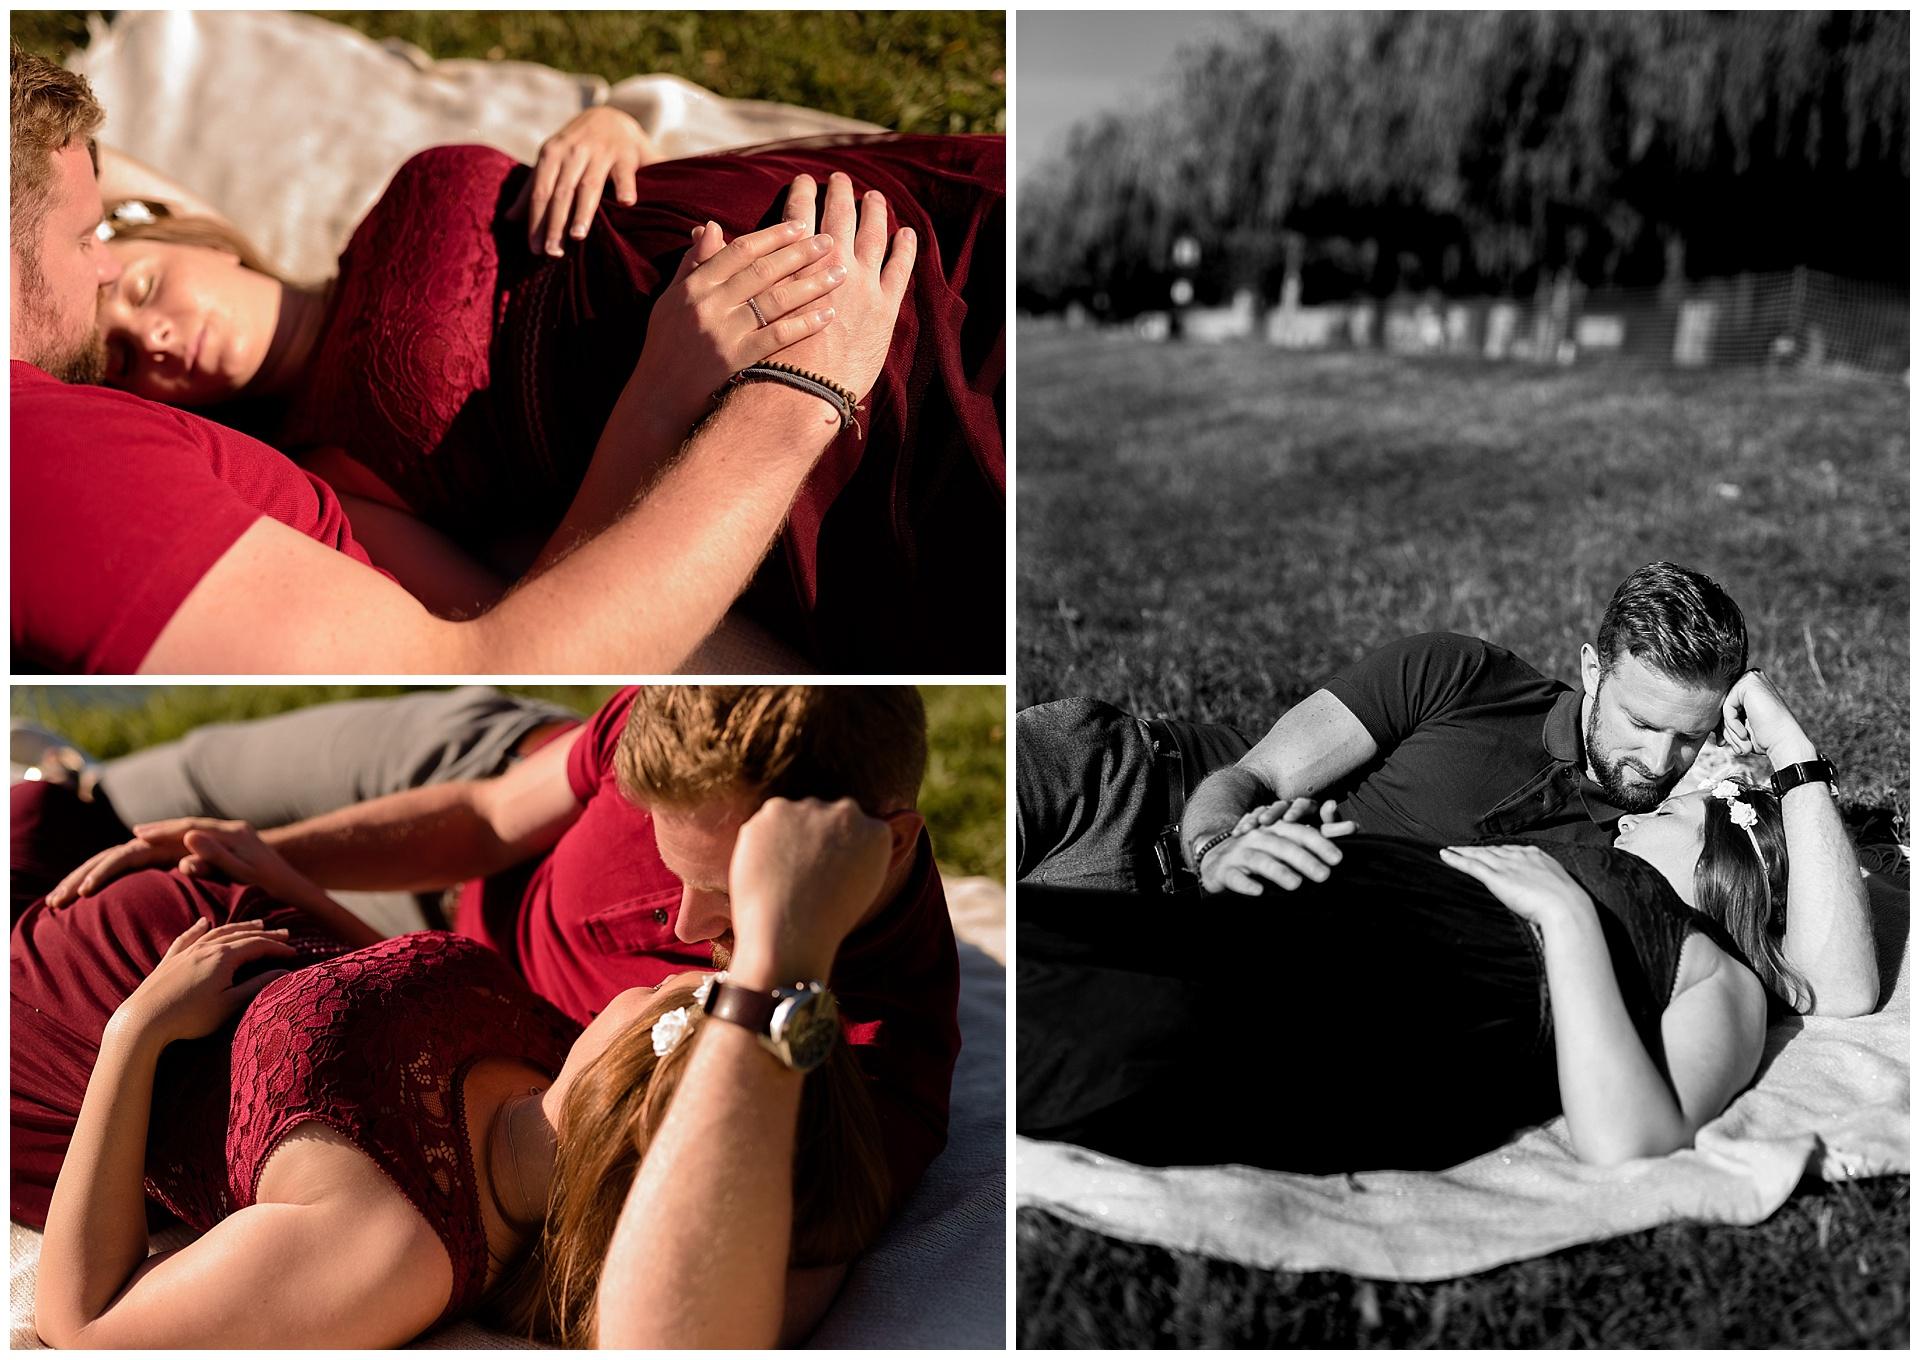 Séance Photo couple Grossesse Yvelines Extérieur Lifestyle Maternité Yvelines 78 Hauts-de-seine 92 Sandrine Siryani